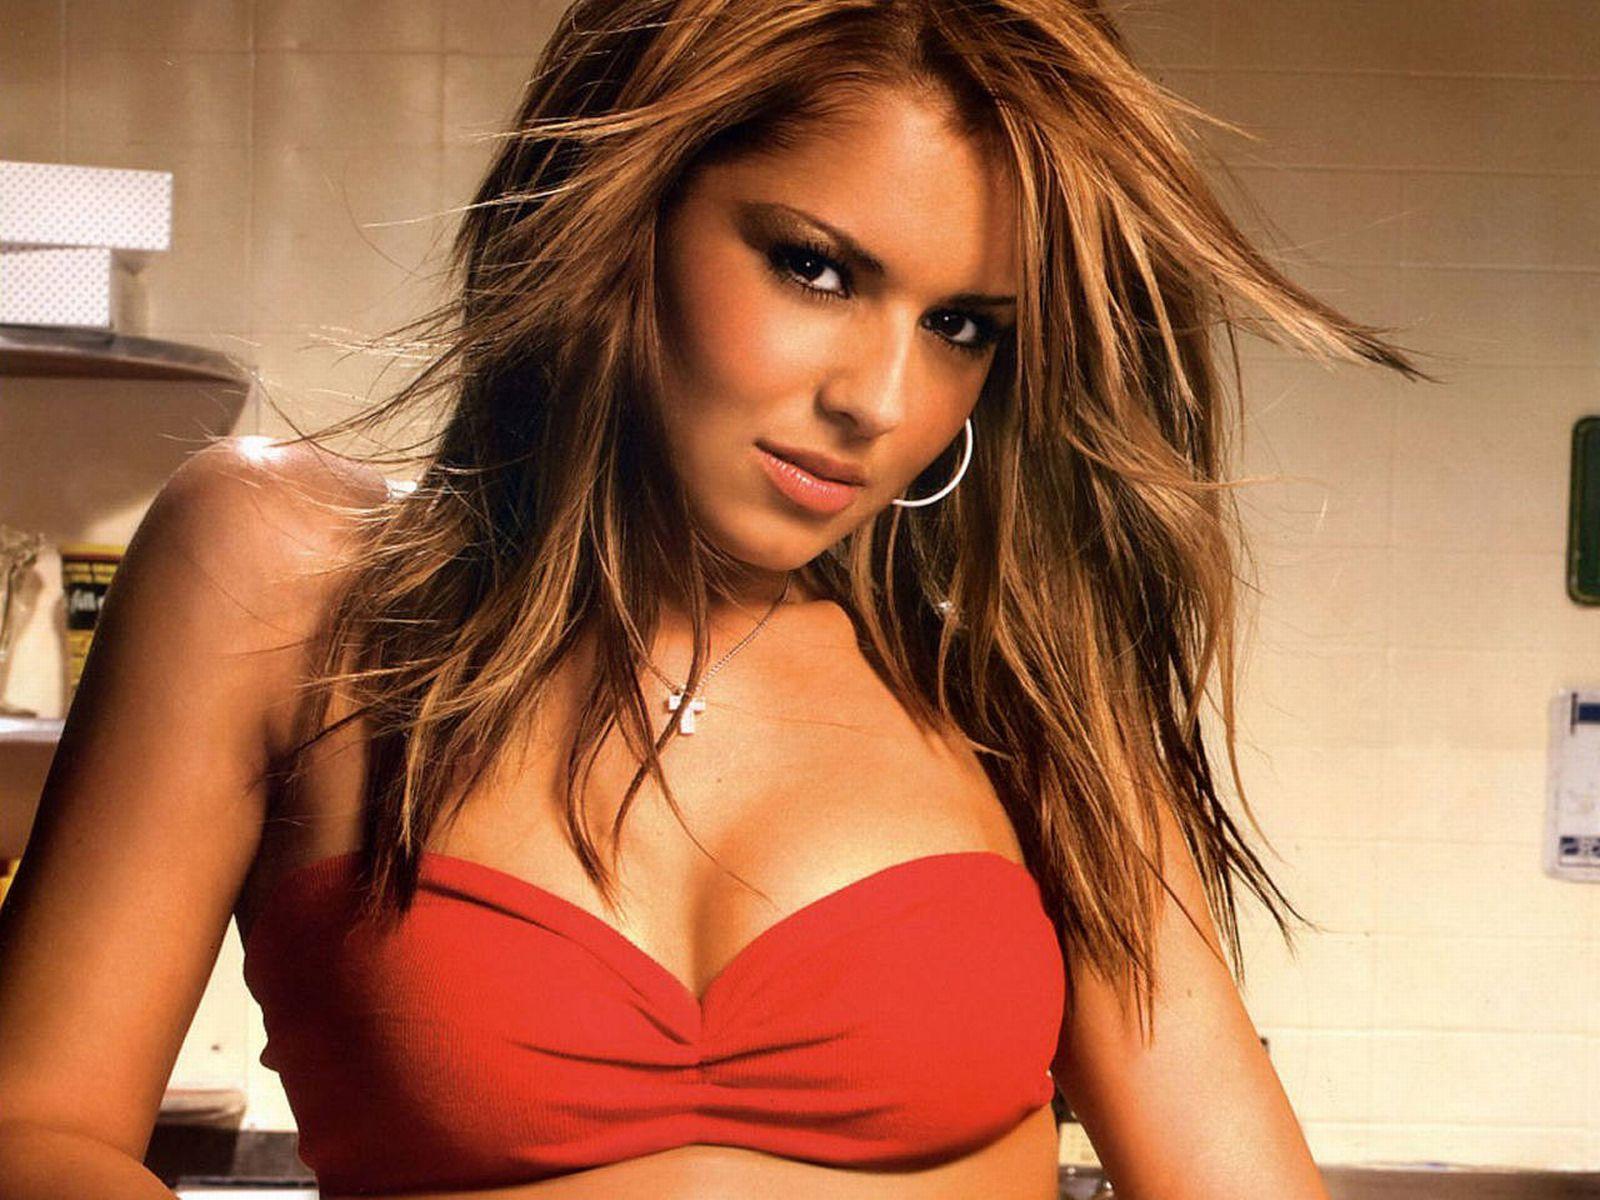 Самая красивая грудь женская фото 23 фотография